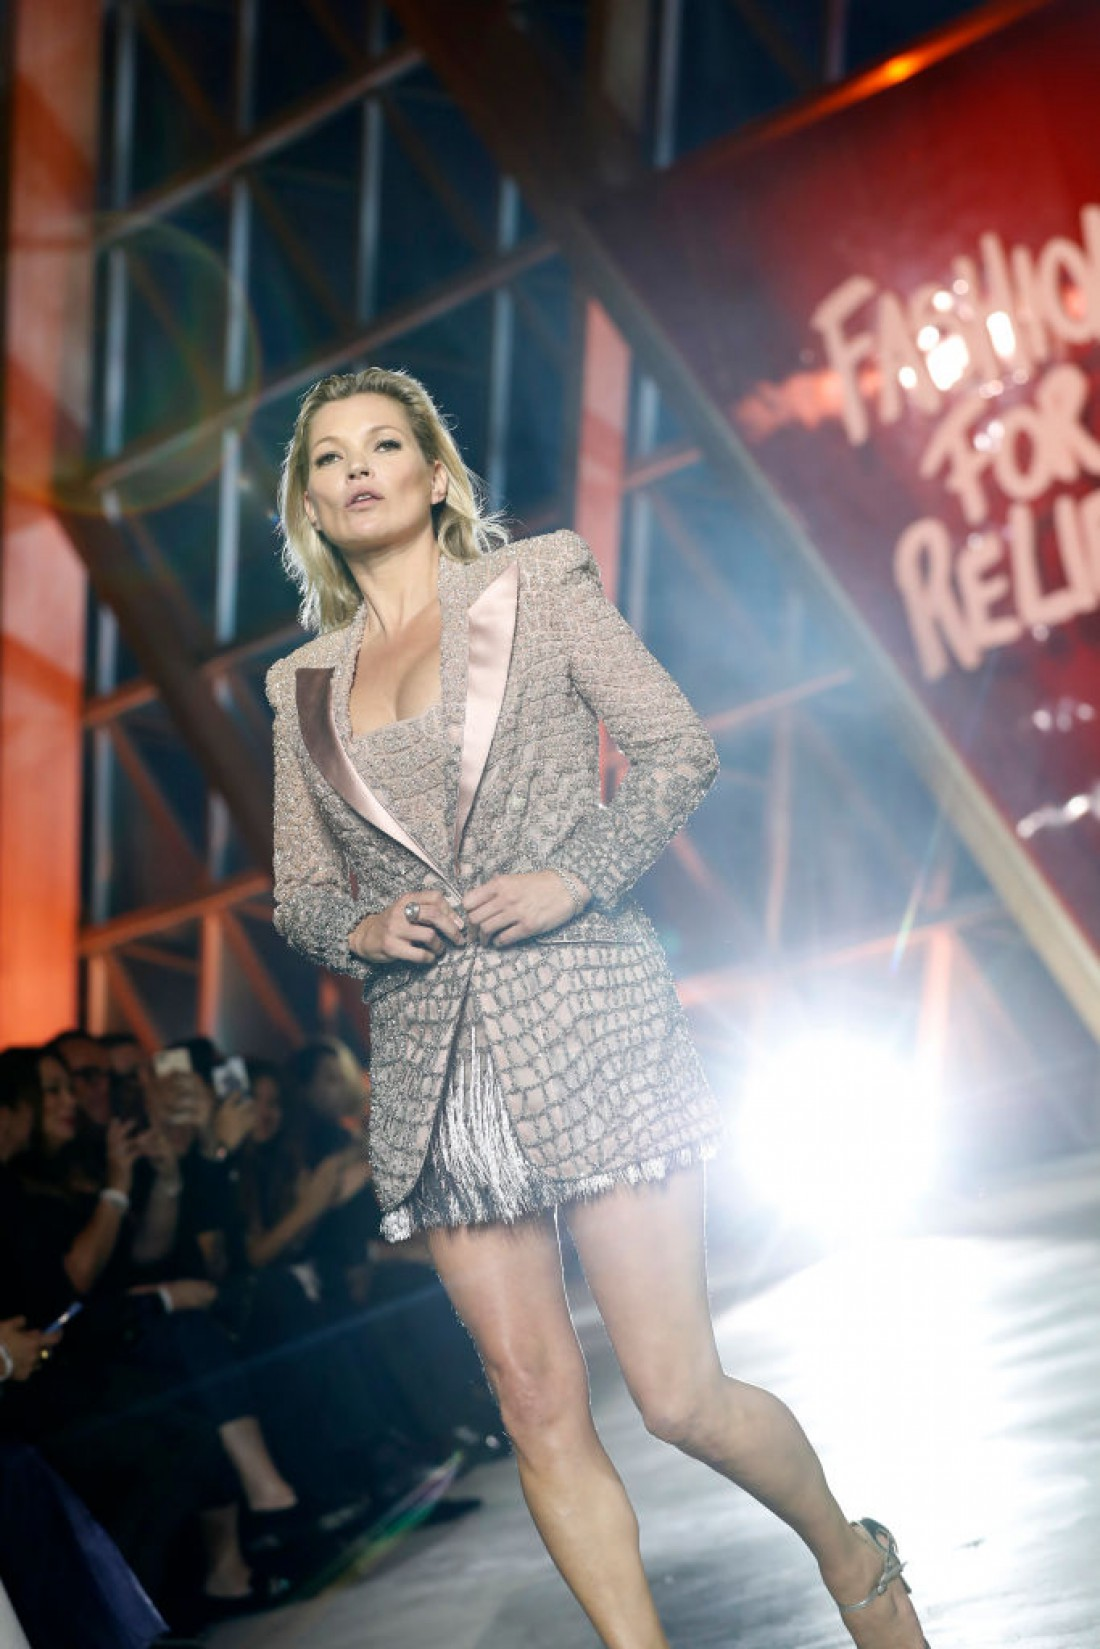 Кейт Мосс стала редактором британского Vogue